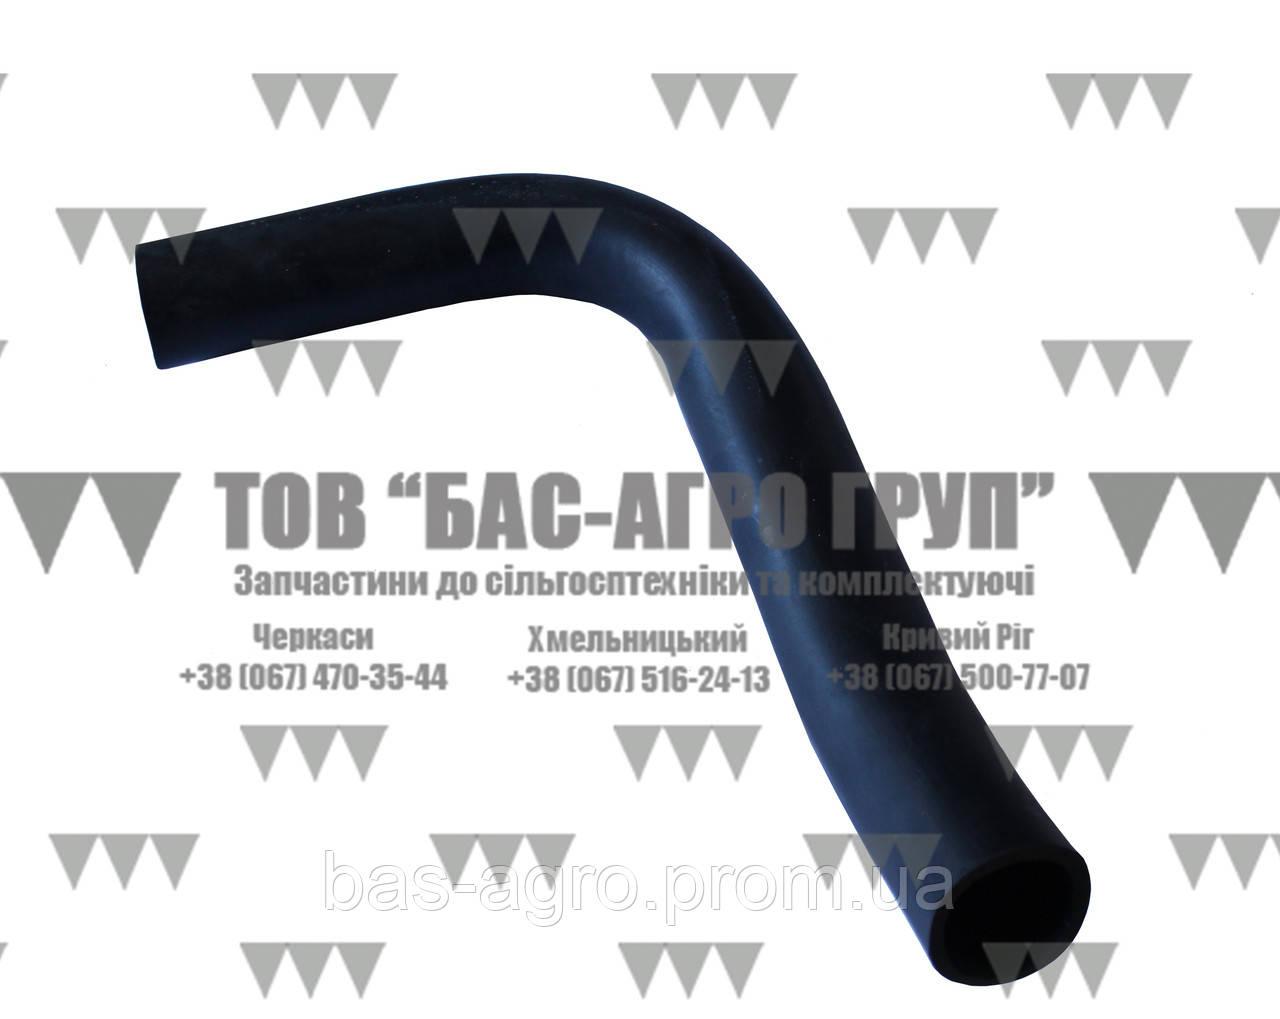 Труба РСМ-10Б.05.00.047 Ростсельмаш оригинал